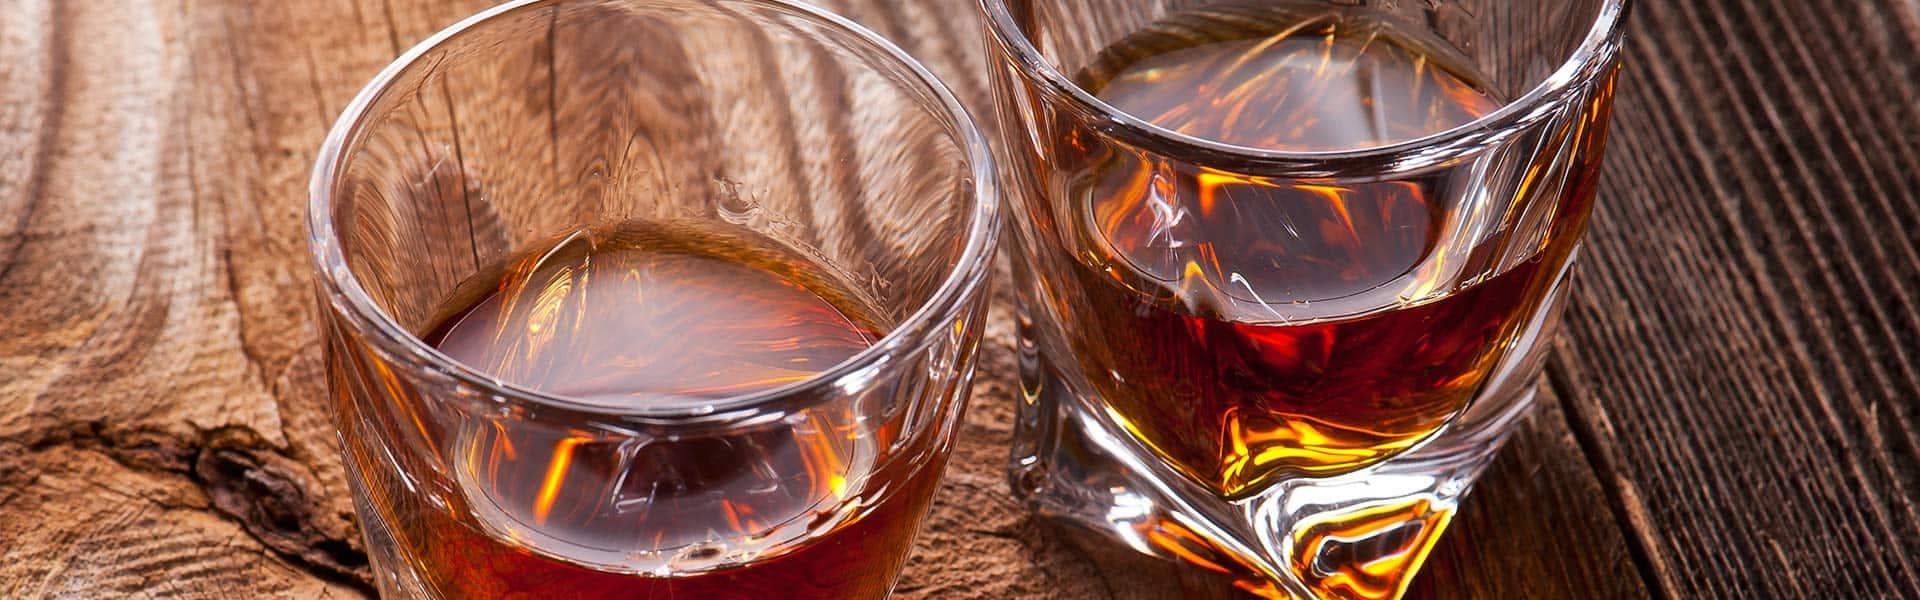 4 правильных способа пить ликер